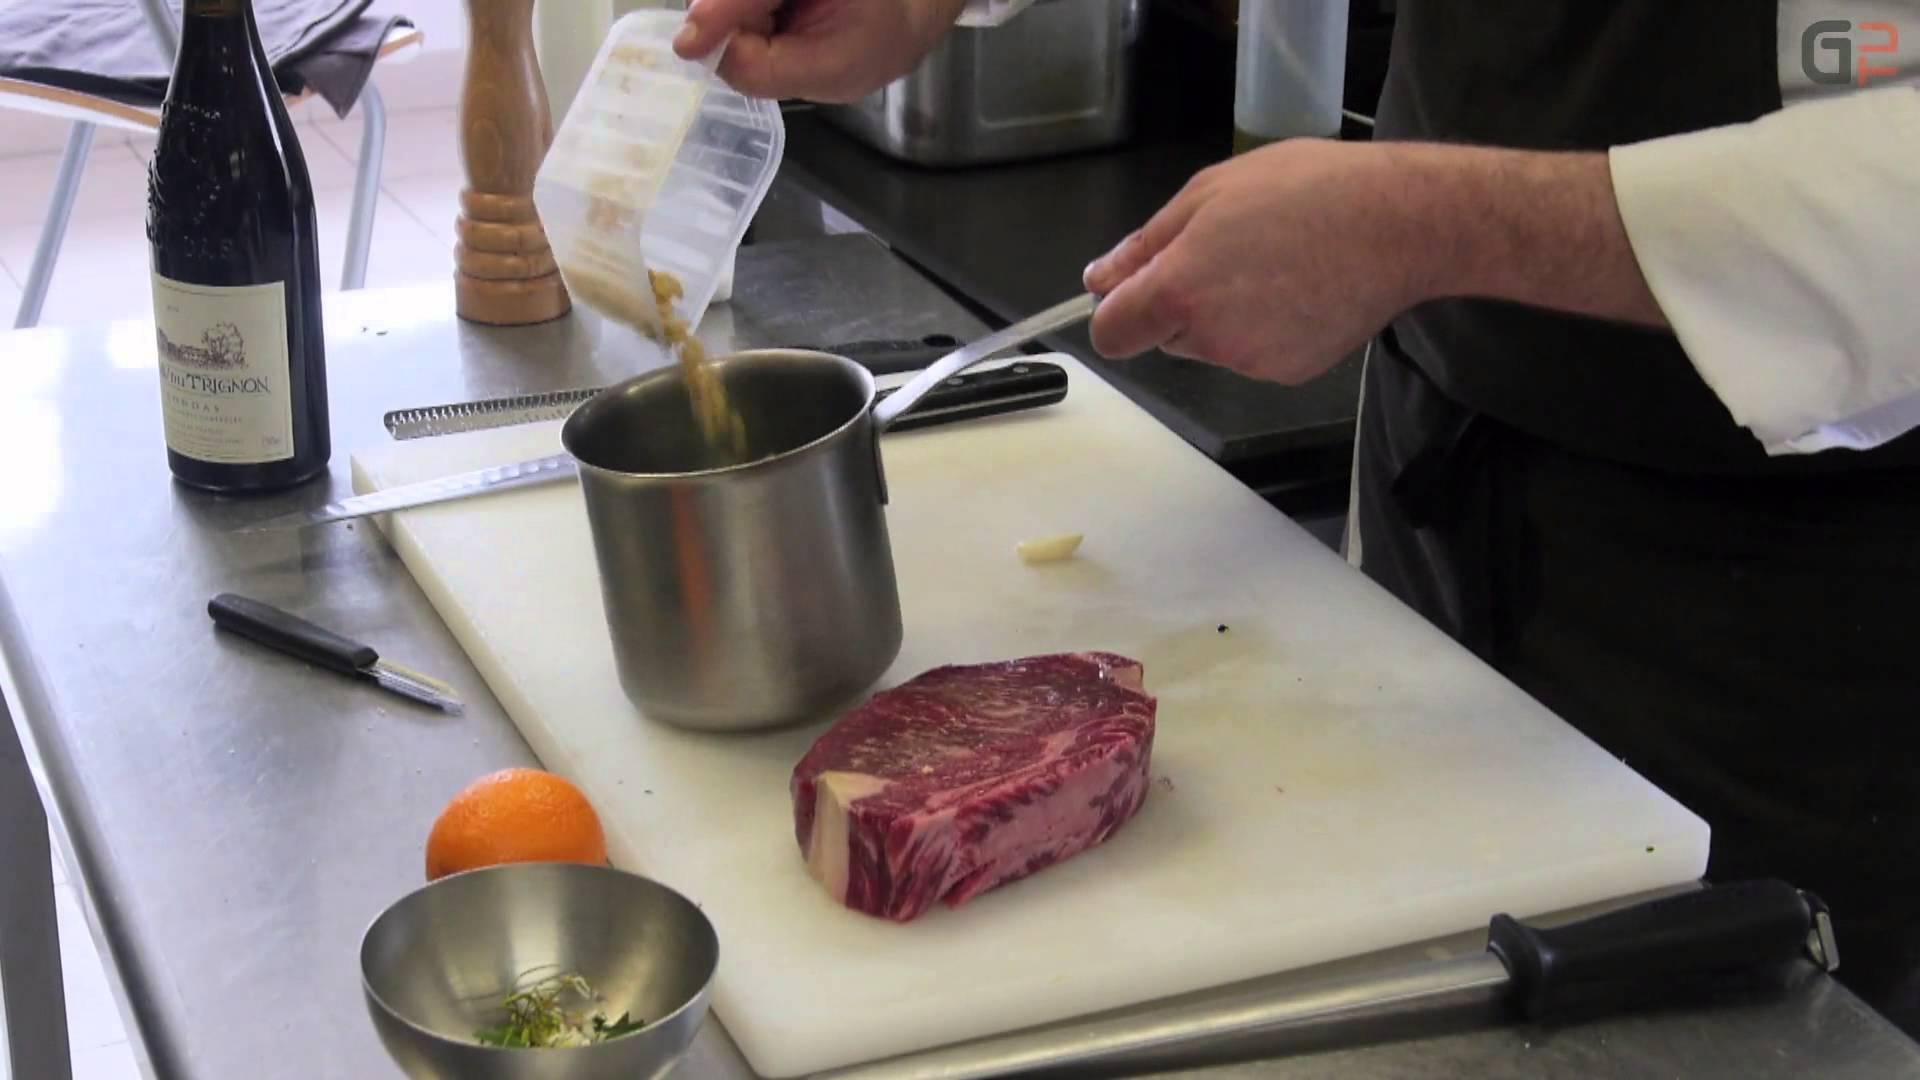 Bœuf séché : un régal pour les carnivores que nous sommes